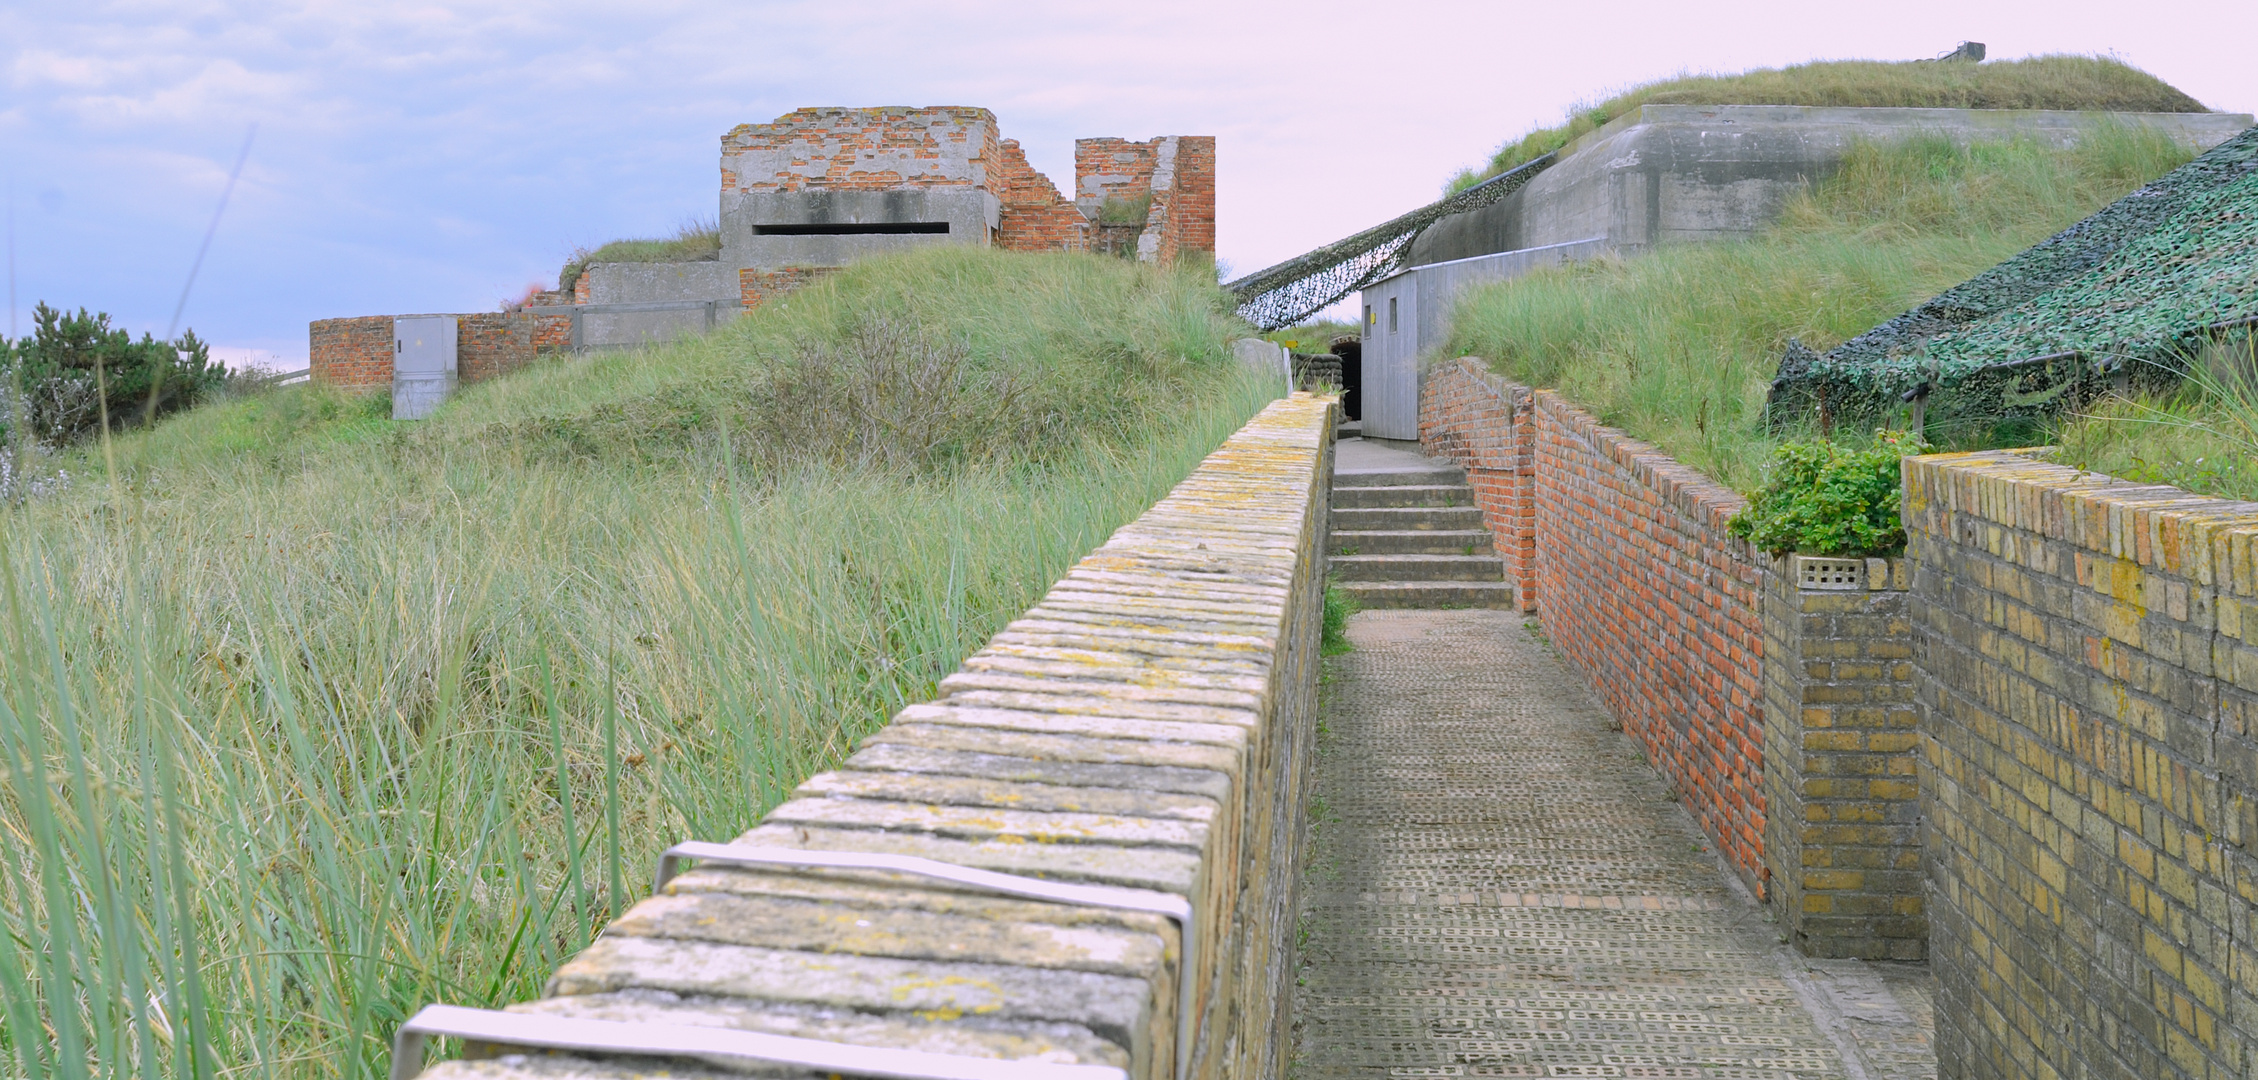 Bunkeranlage Bj. ca. 1911 bei Oostende-Belgien Atlantikwall